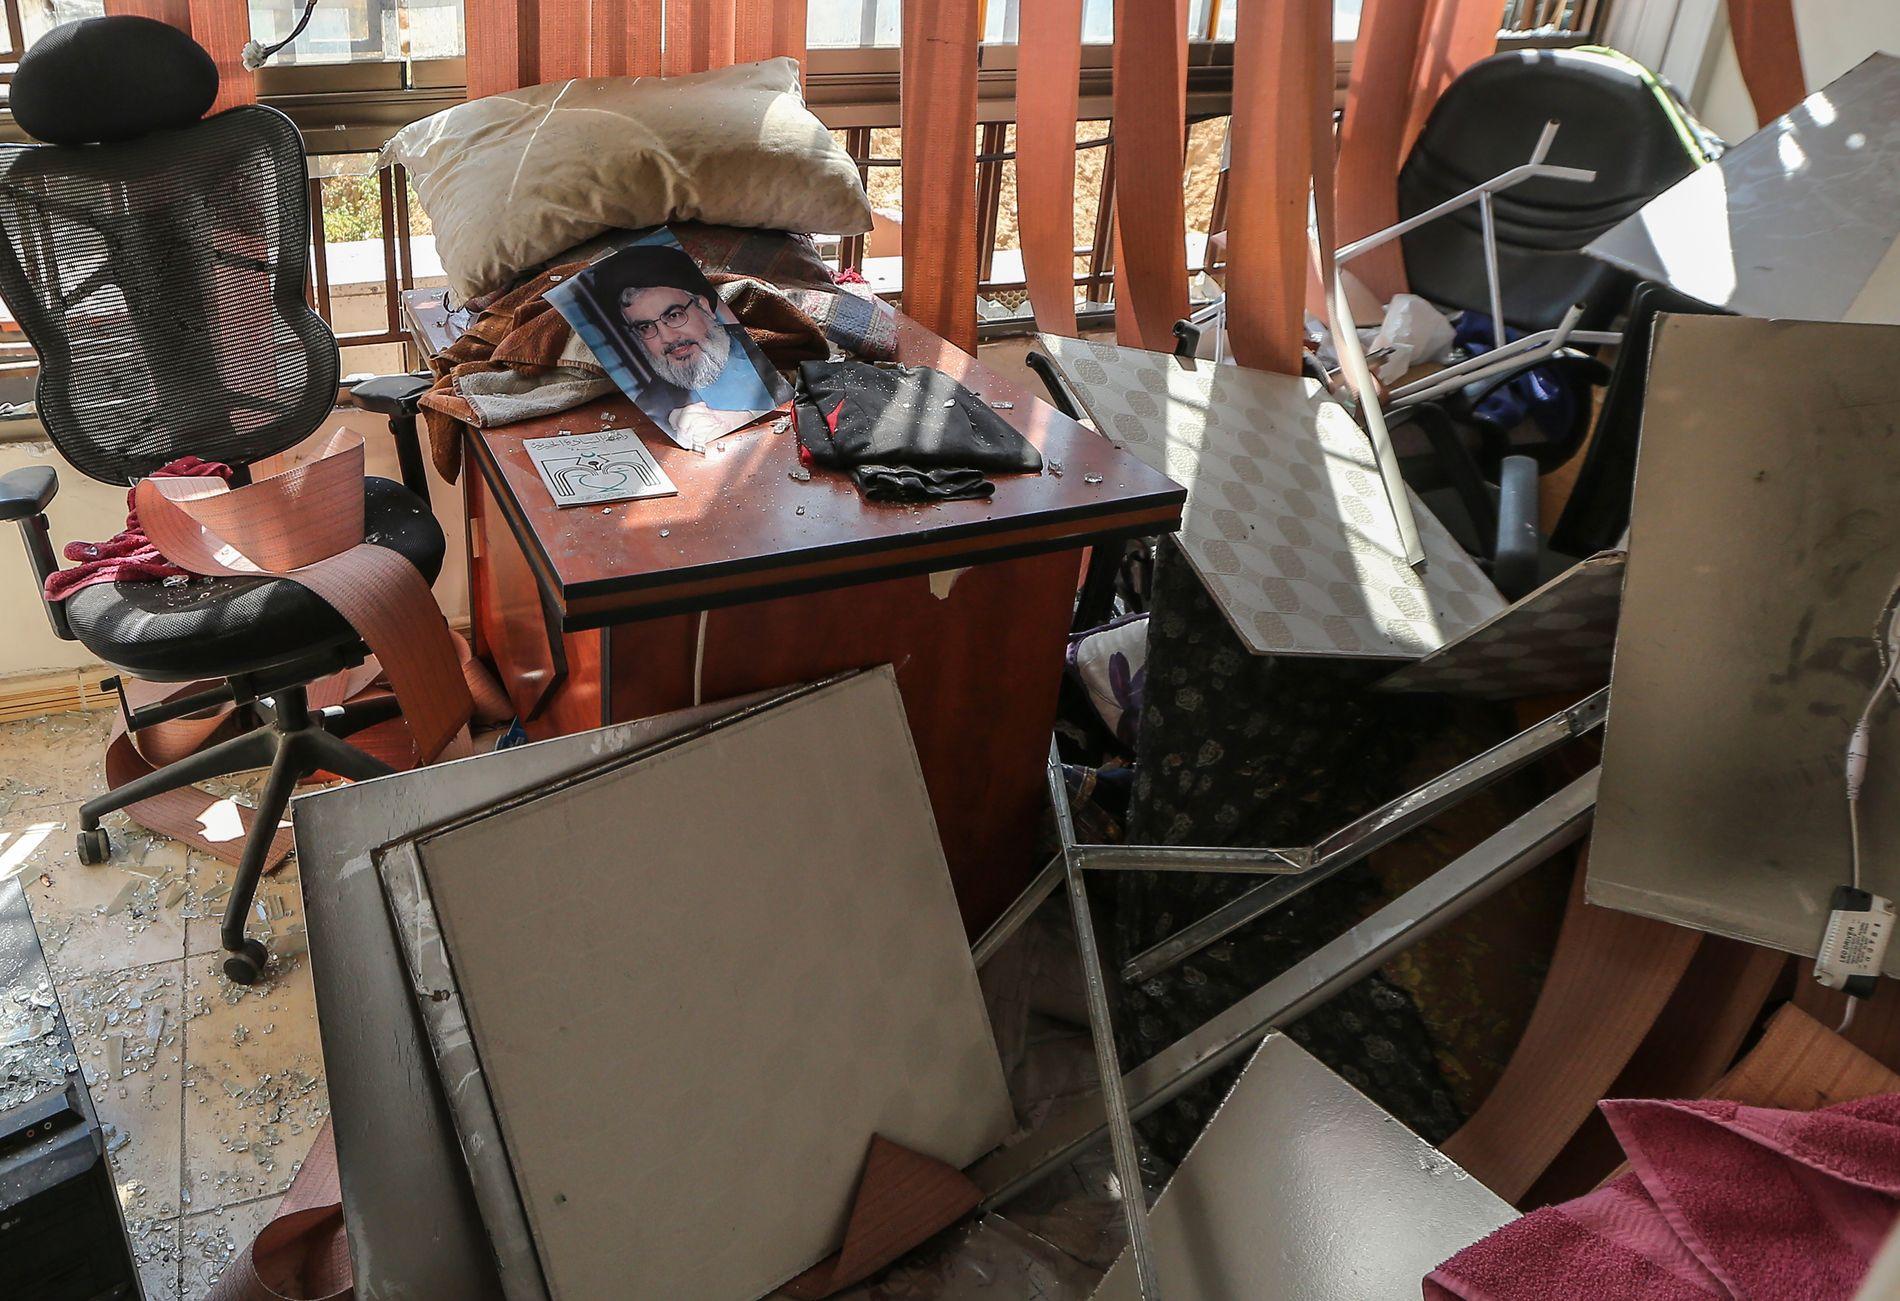 SKADER: Slik ser det ut i Hizbollahs mediekontor i Beirut etter at en israelsk drone eksploderte i nabolaget Dahieh natt til søndag.